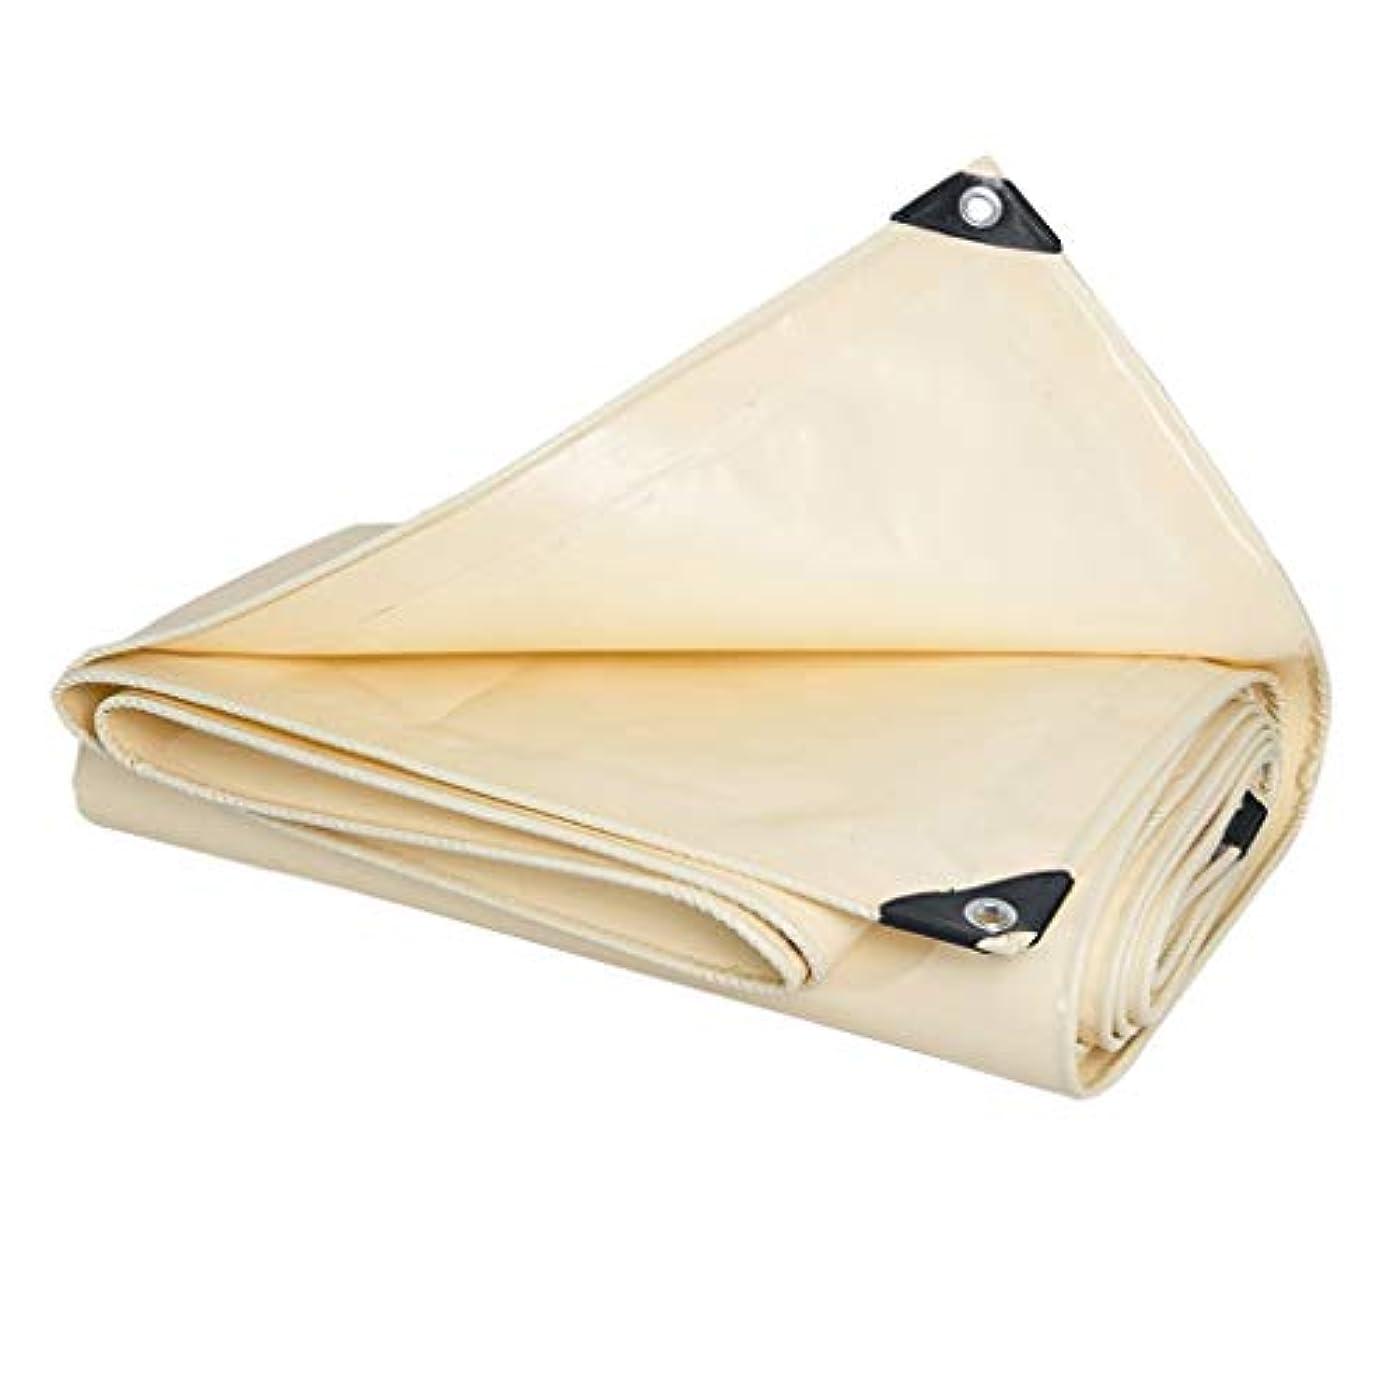 構成する色合いビデオ防雨布clothawning布屋外防水シート日焼け止め防水シートプラスチック日よけシェード厚い防雨 (サイズ さいず : 3m*5m)